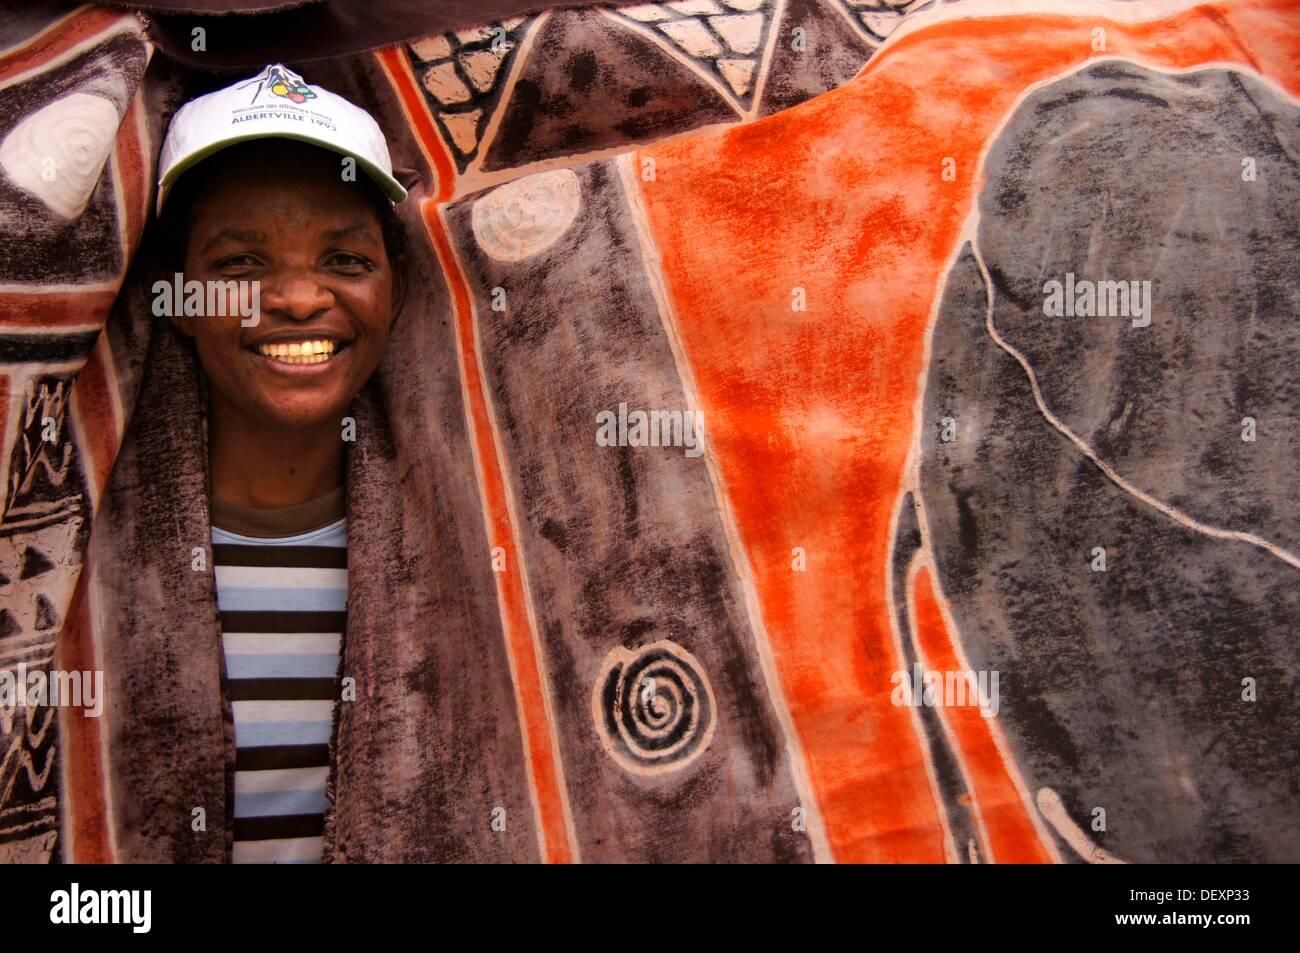 Artigianale con motivs locale, a Maun, Botswana Immagini Stock